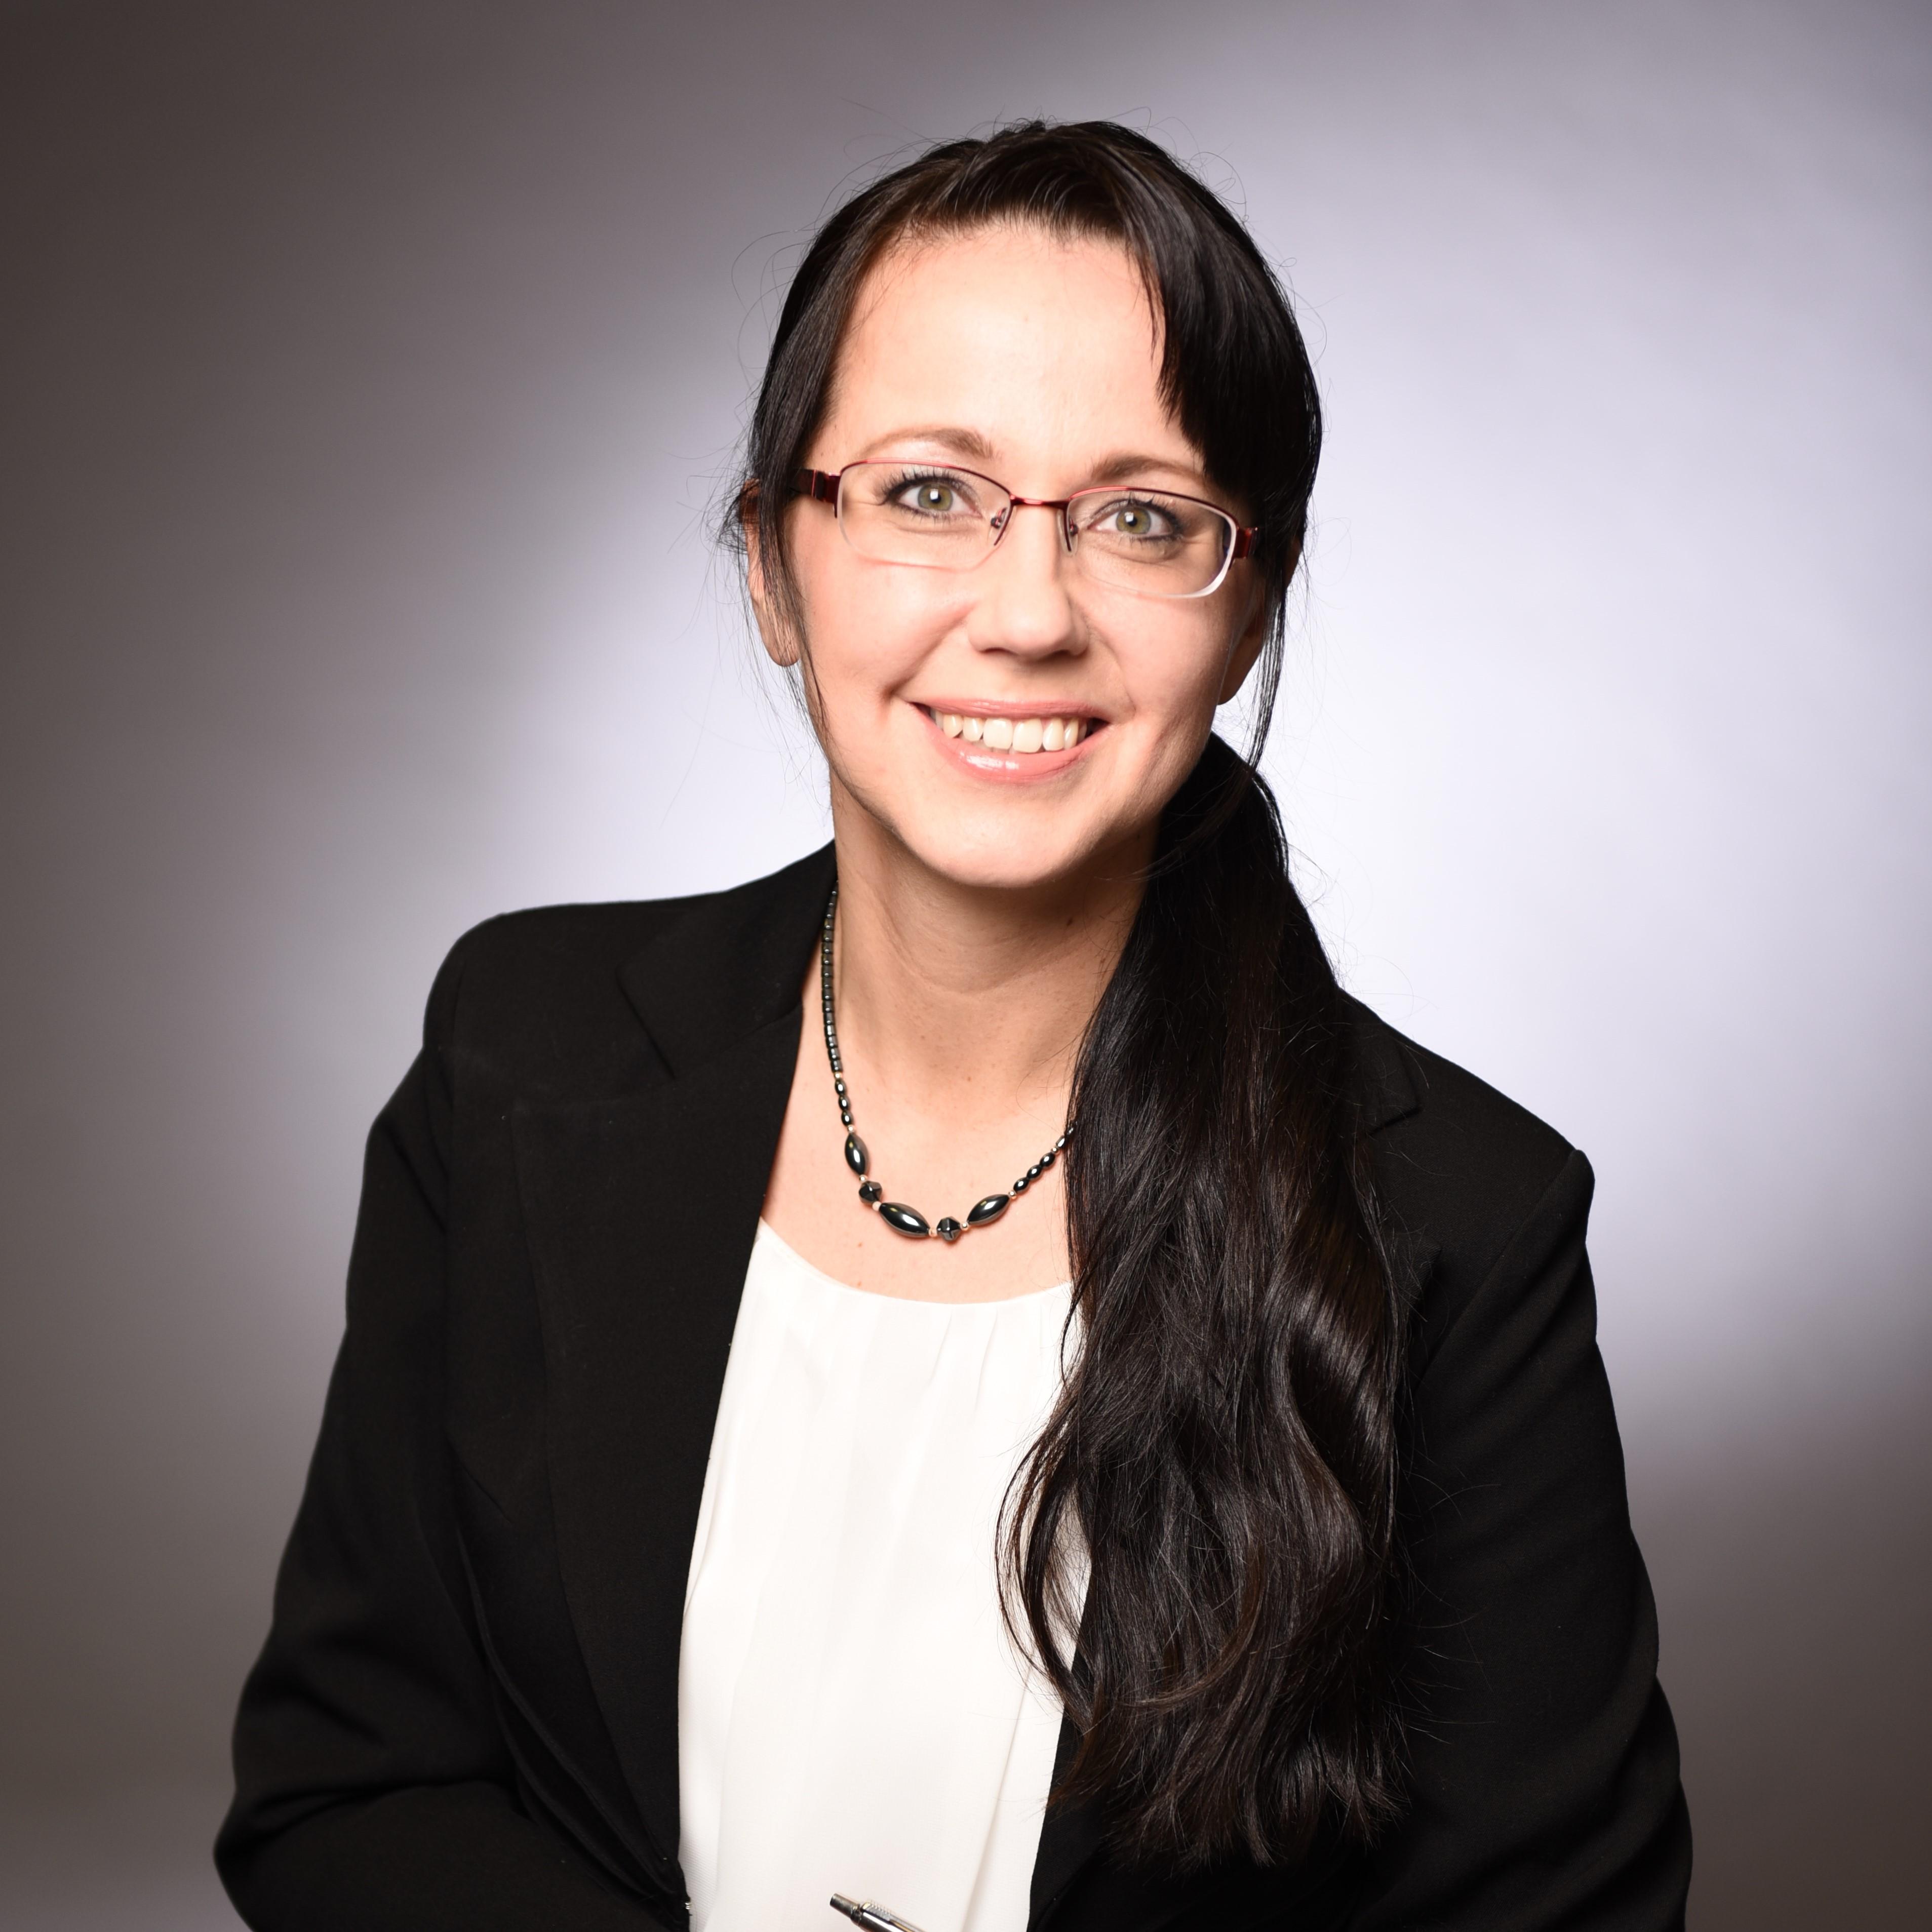 Katja Lass-Lennecke